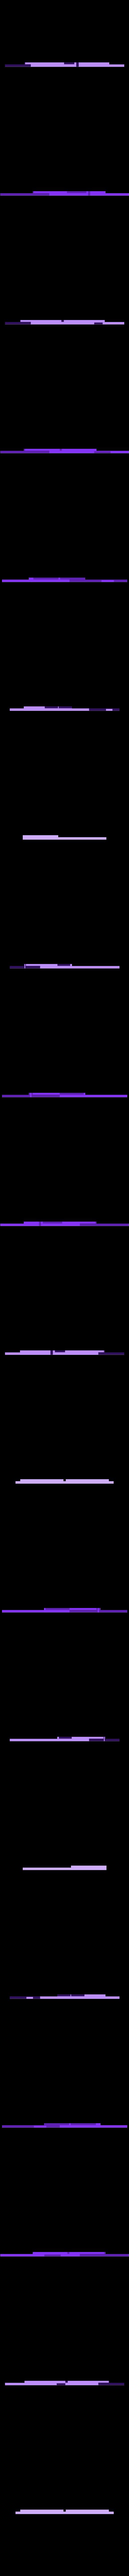 Frame_C.STL Télécharger fichier STL gratuit Nettoyant pour panne à souder • Modèle à imprimer en 3D, perinski